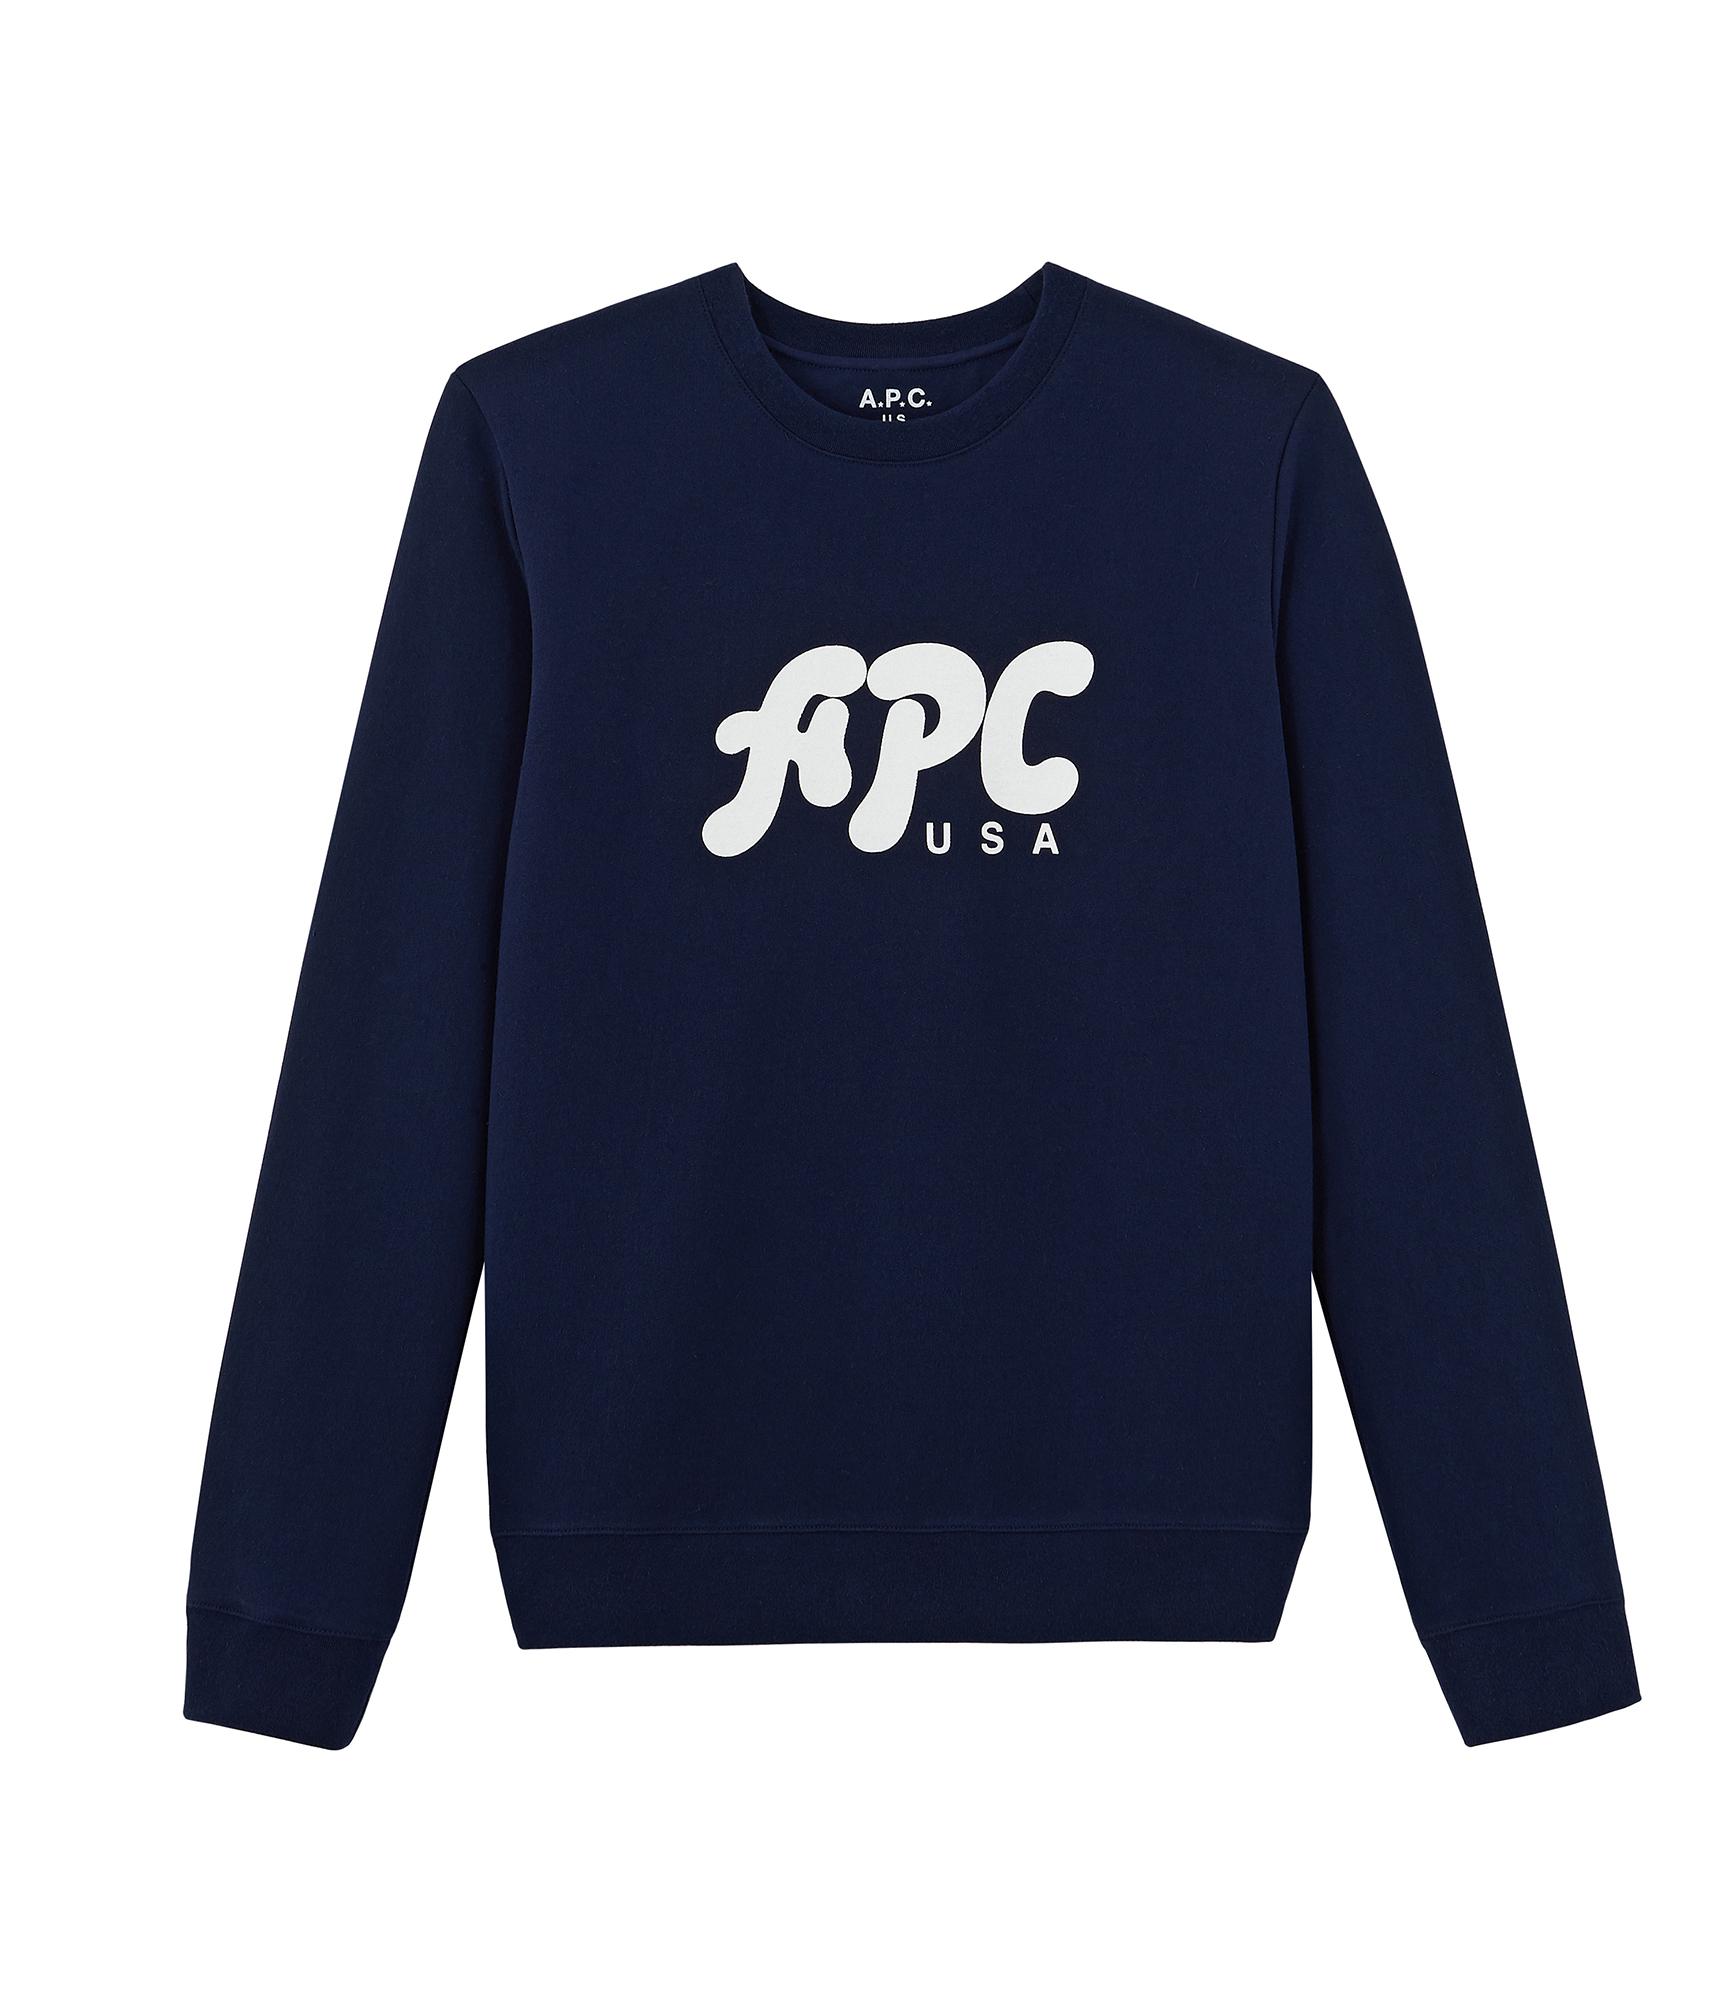 A.P.C. / Gabe Sweat Shirt -DK.NAVY